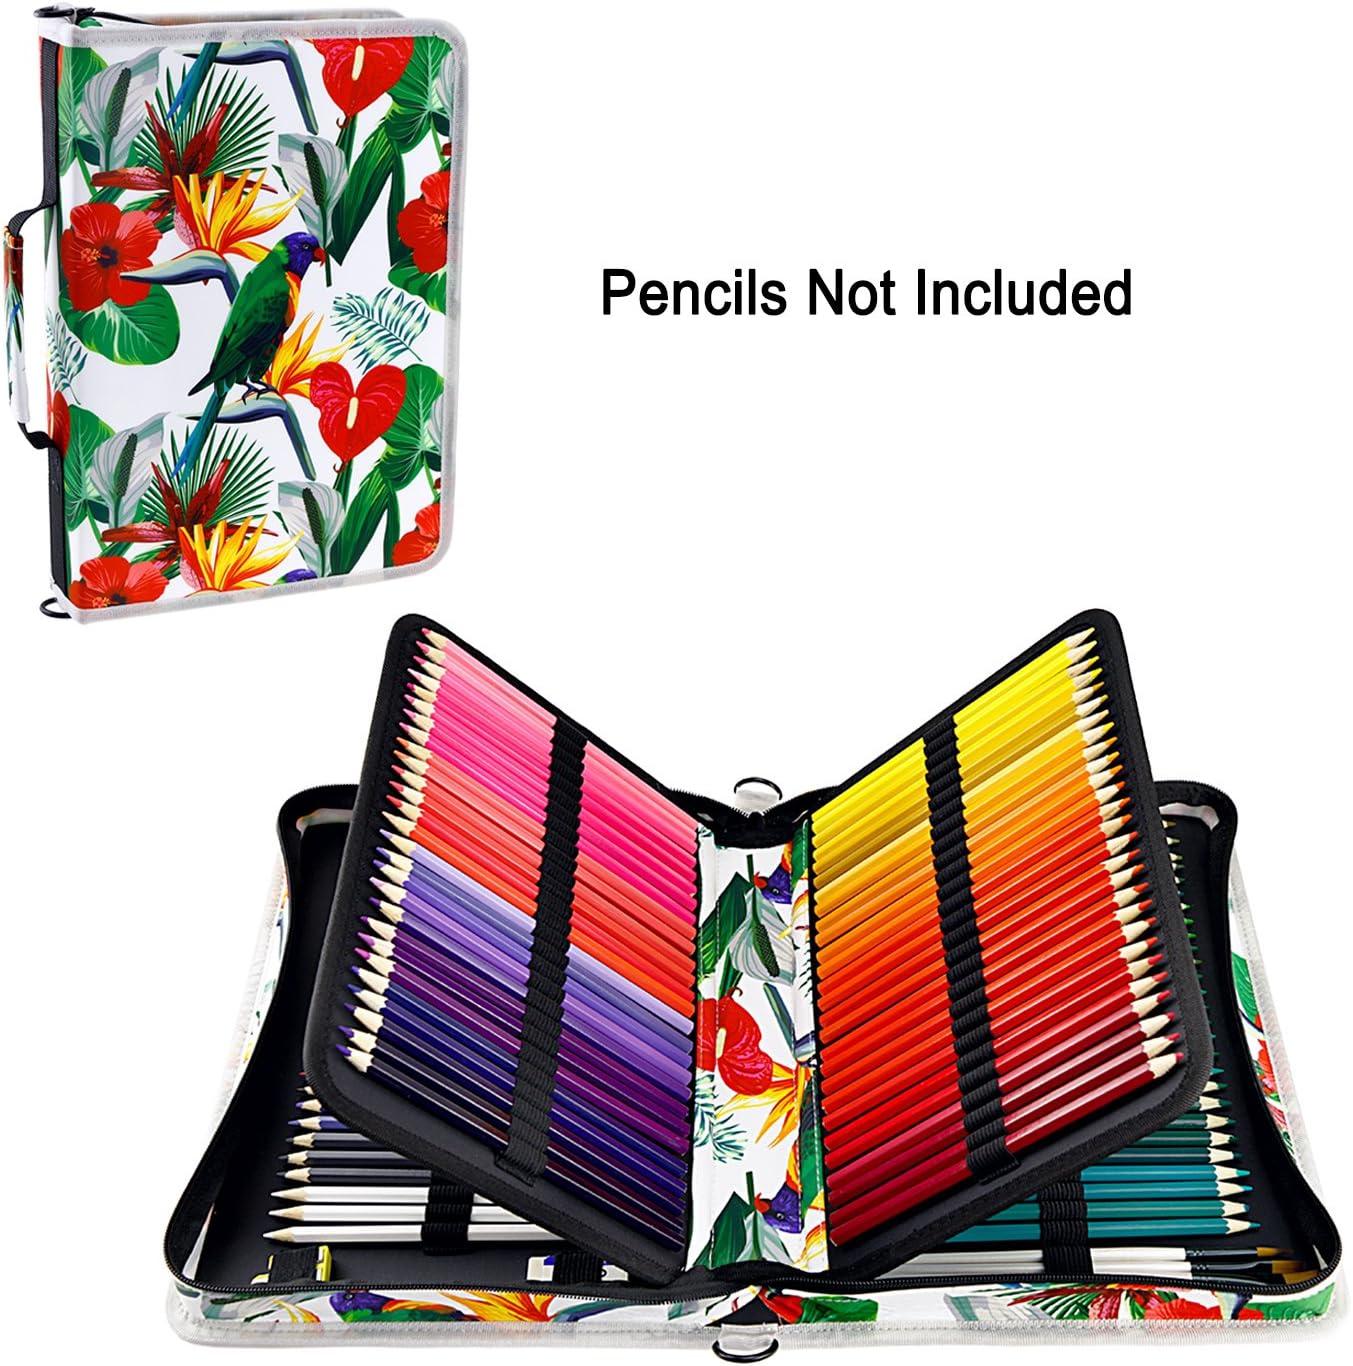 Colorato Grigio YOUSHARES 160 Slot di Matita Astuccio Penne Tasca Matite da Colorare Custodia Organizzatore Borsa Cancelleria e Tasca con Cerniera Interna